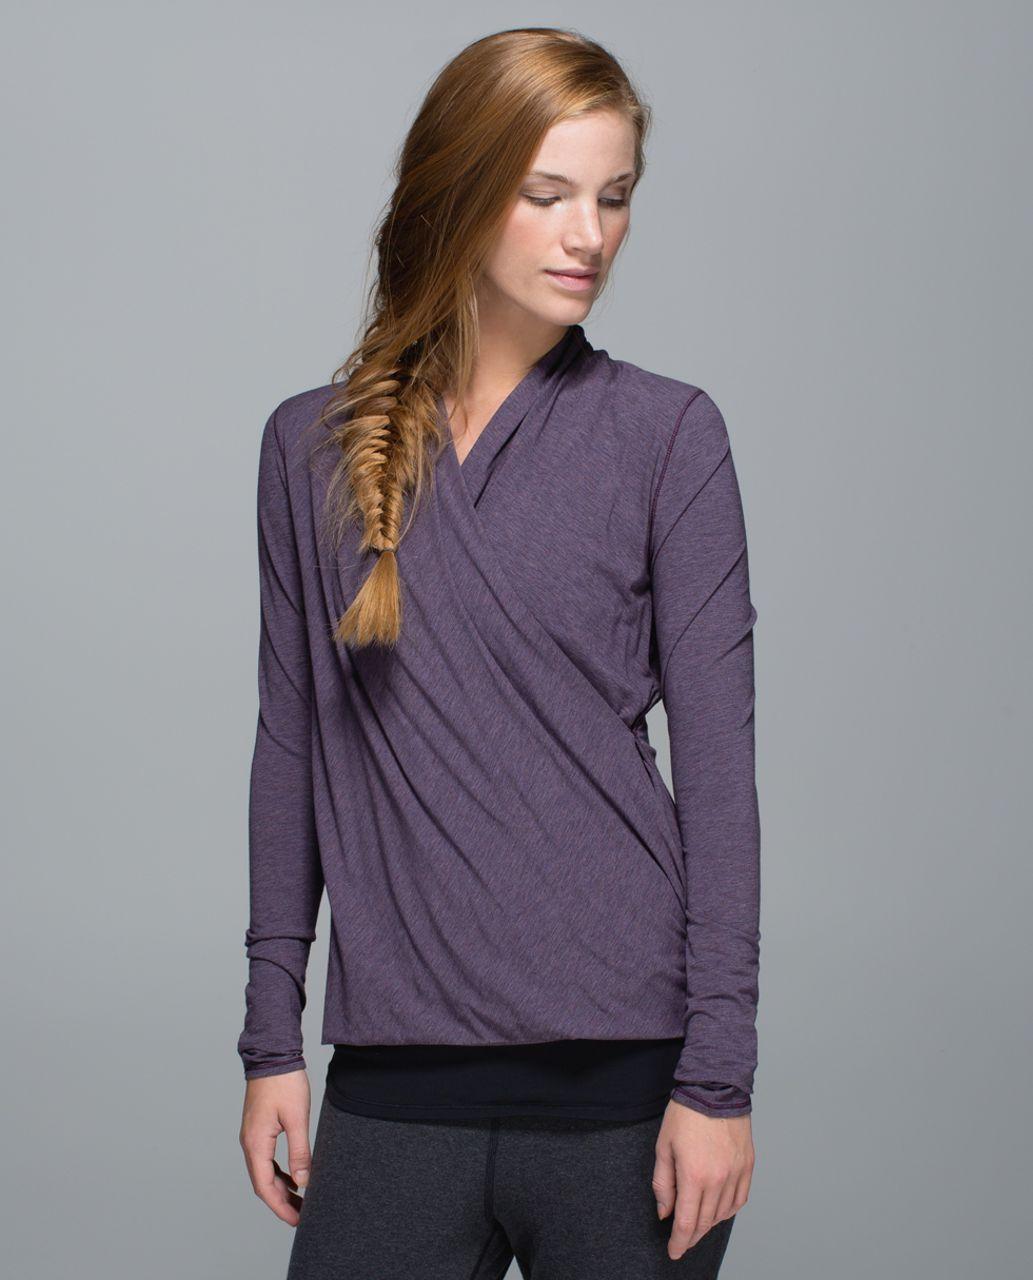 Lululemon Radiant Long Sleeve - Heathered Purple Fog